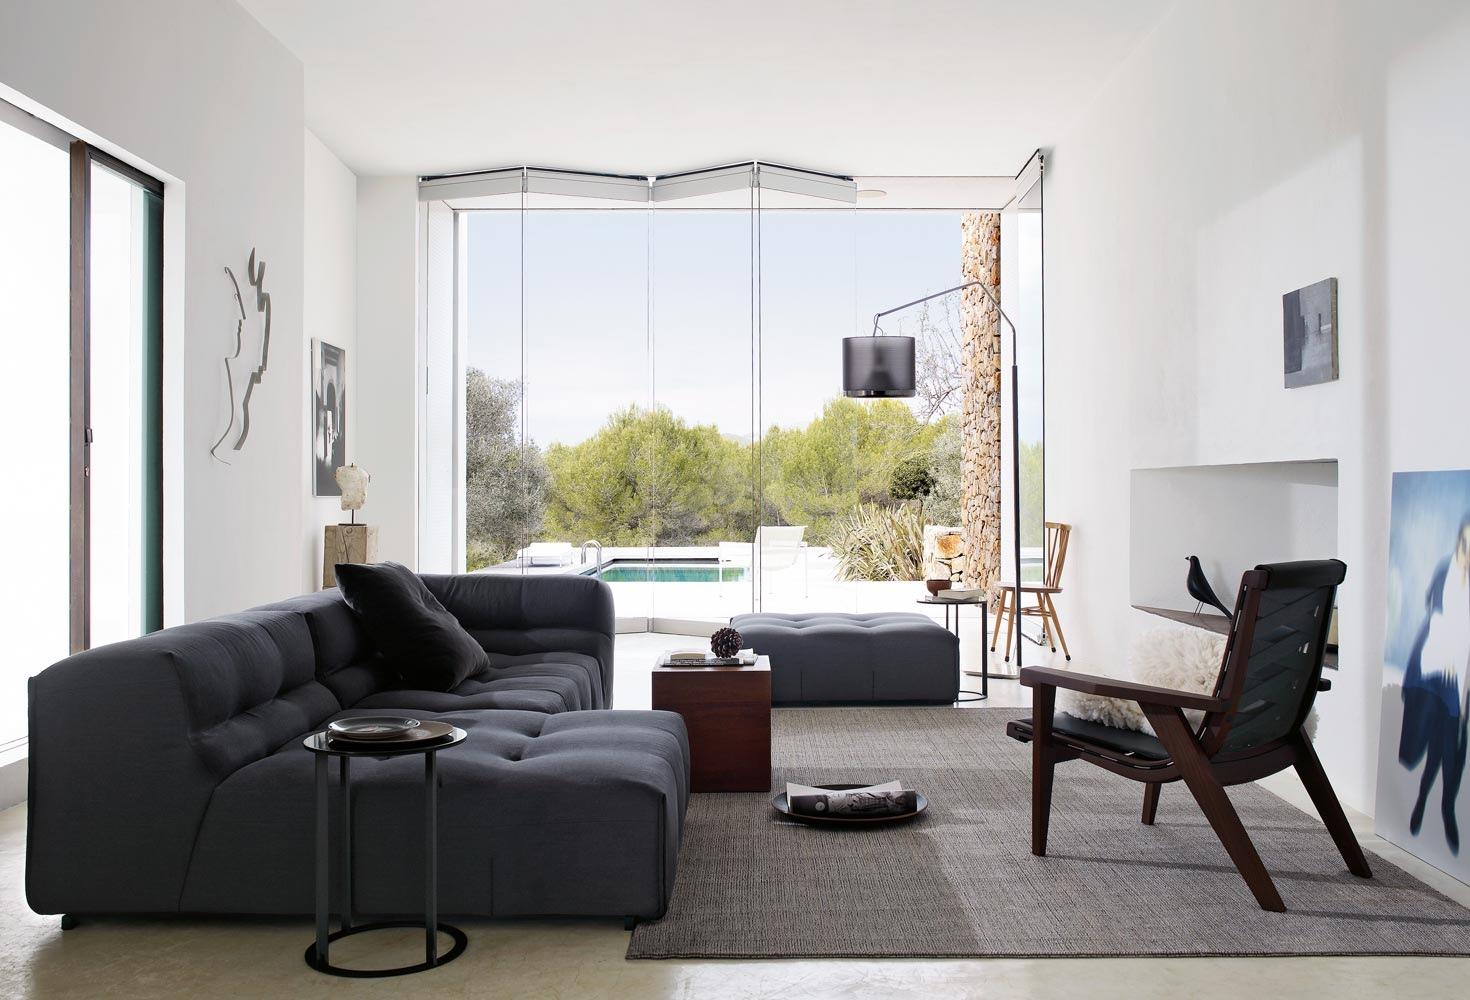 Dark Sofa Wooden Chair Interior Design Ideas